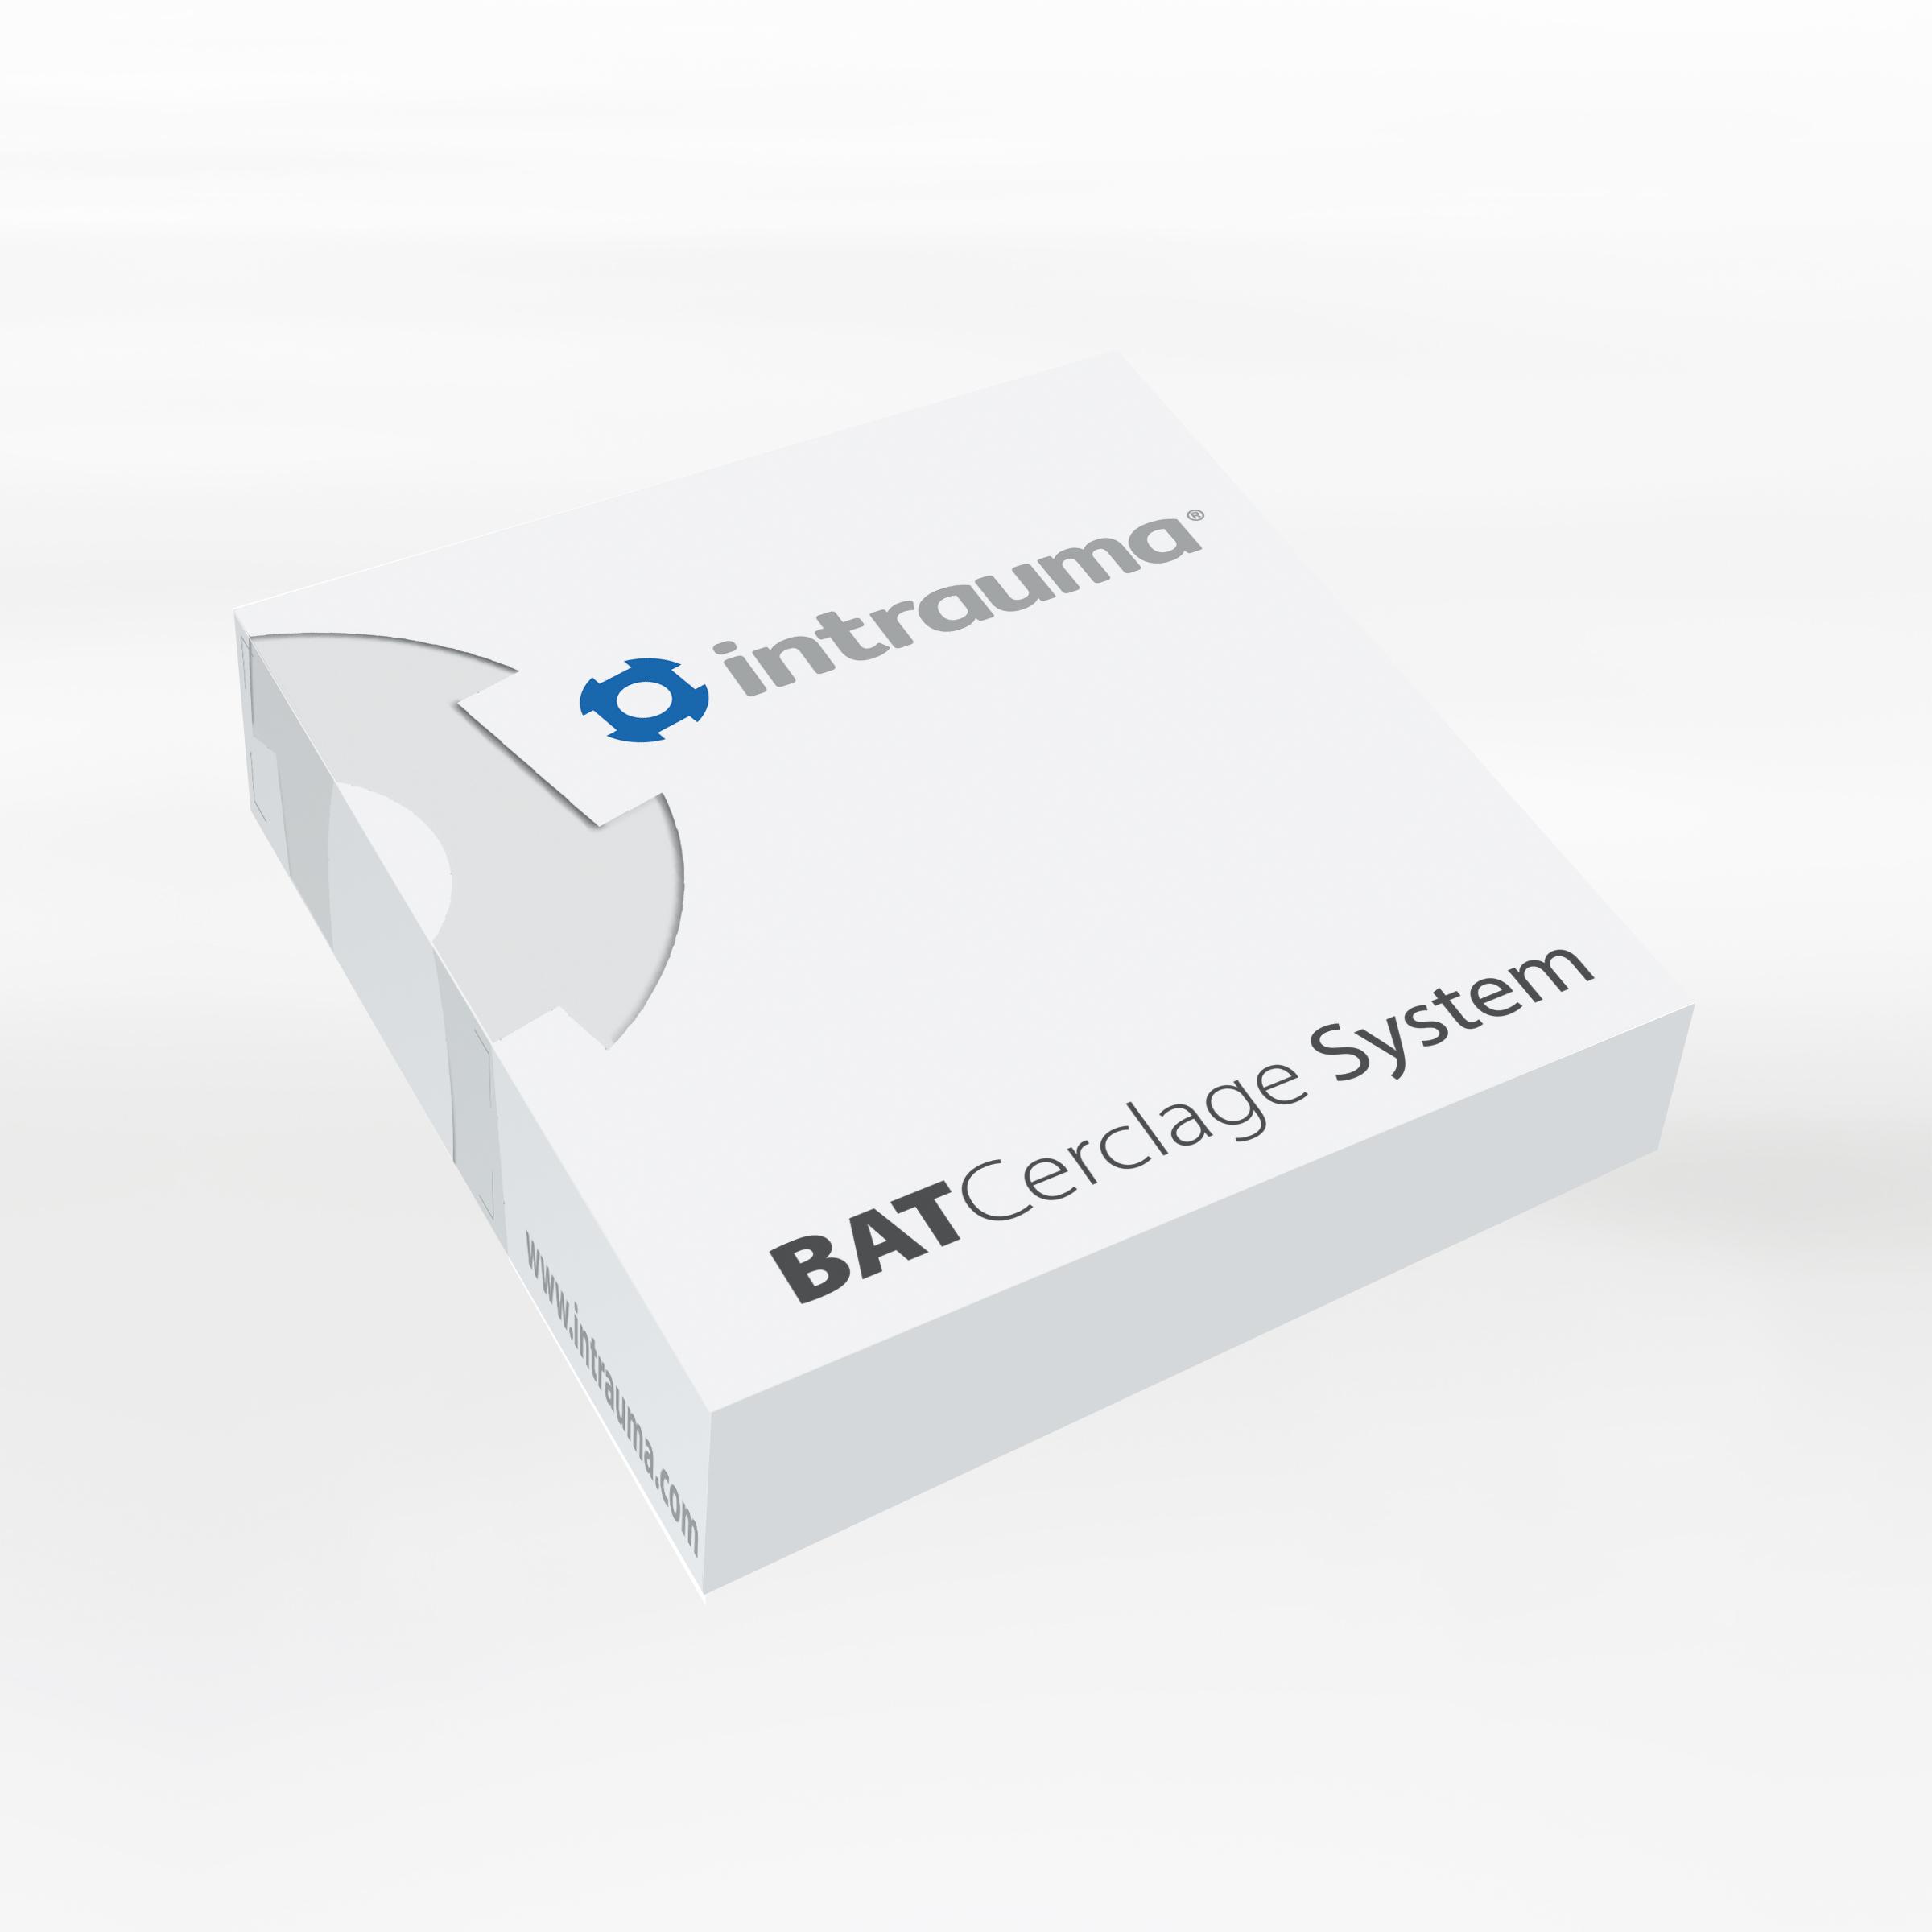 BatCerclage System